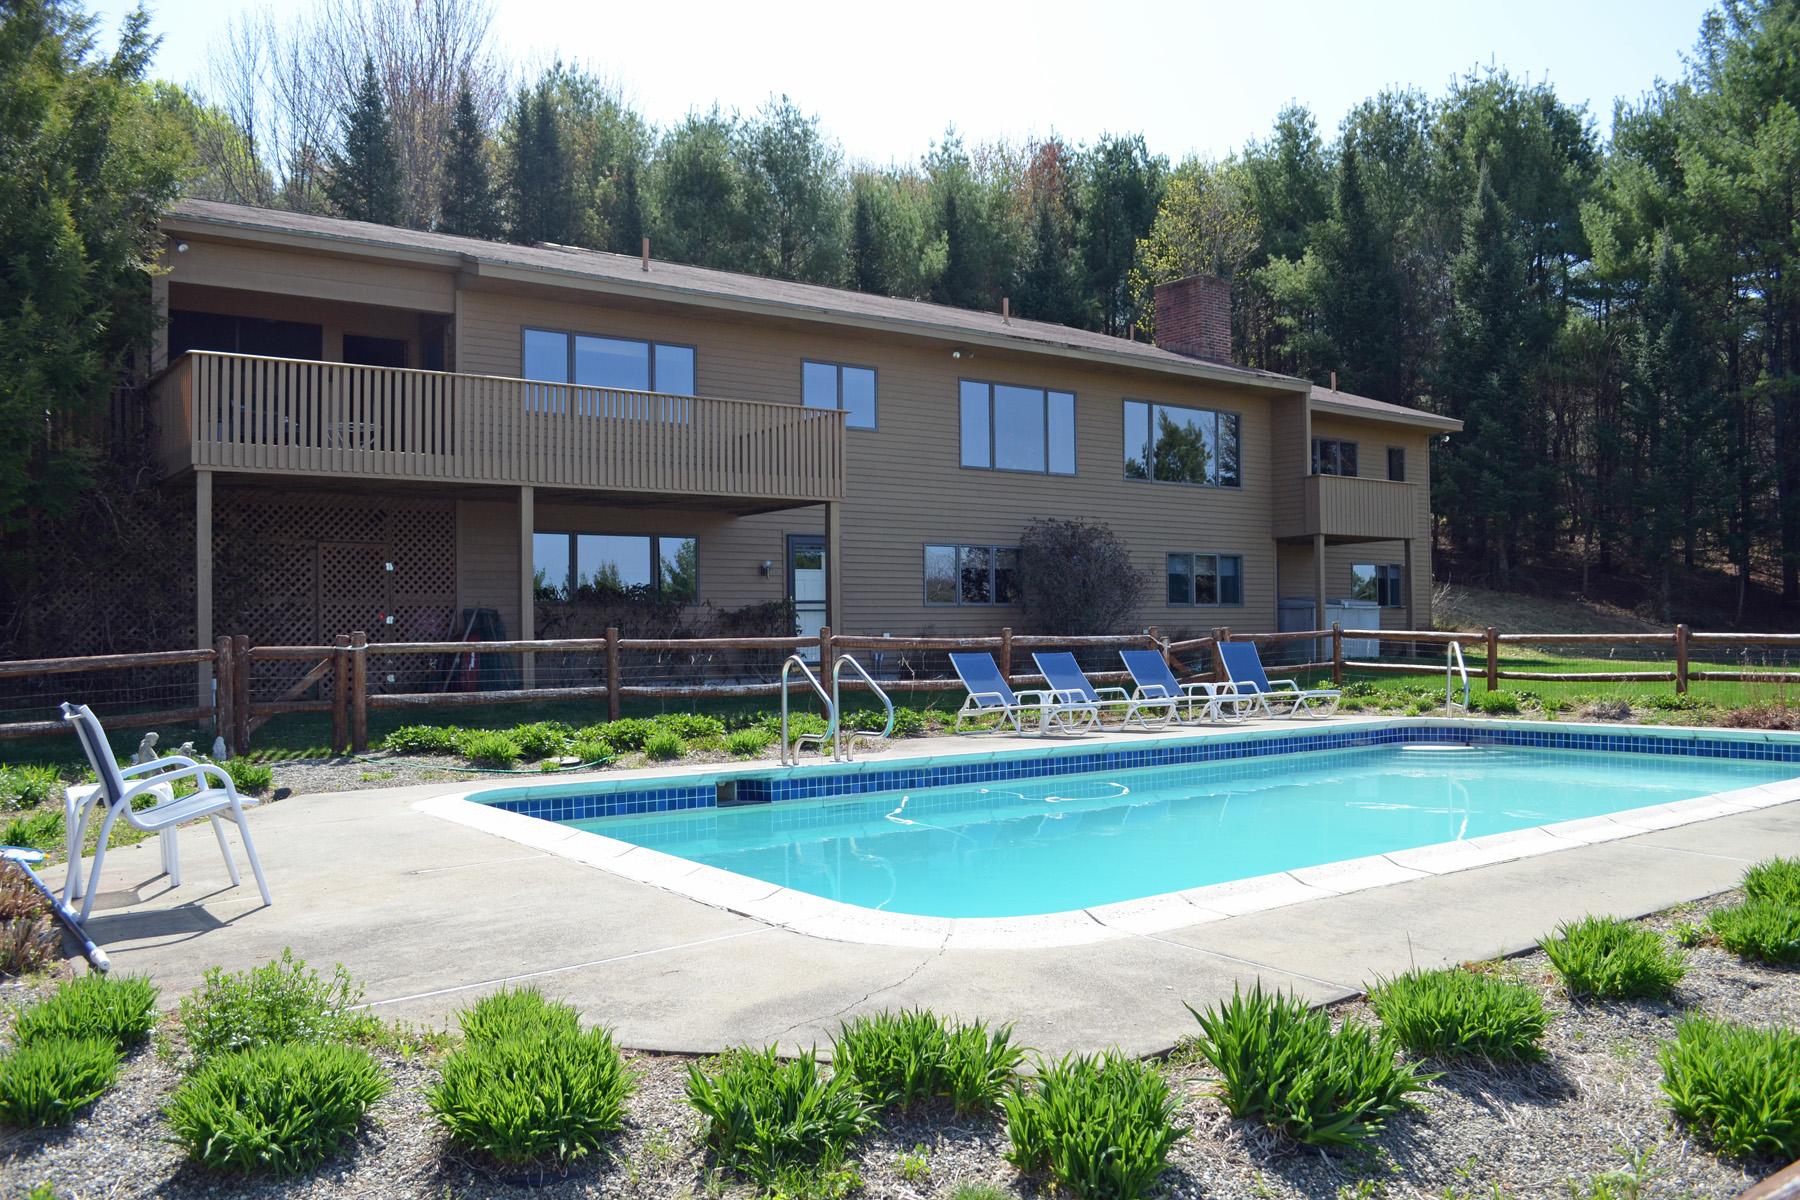 Einfamilienhaus für Verkauf beim 35 Stevens Road, Hanover 35 Stevens Rd Hanover, New Hampshire 03755 Vereinigte Staaten